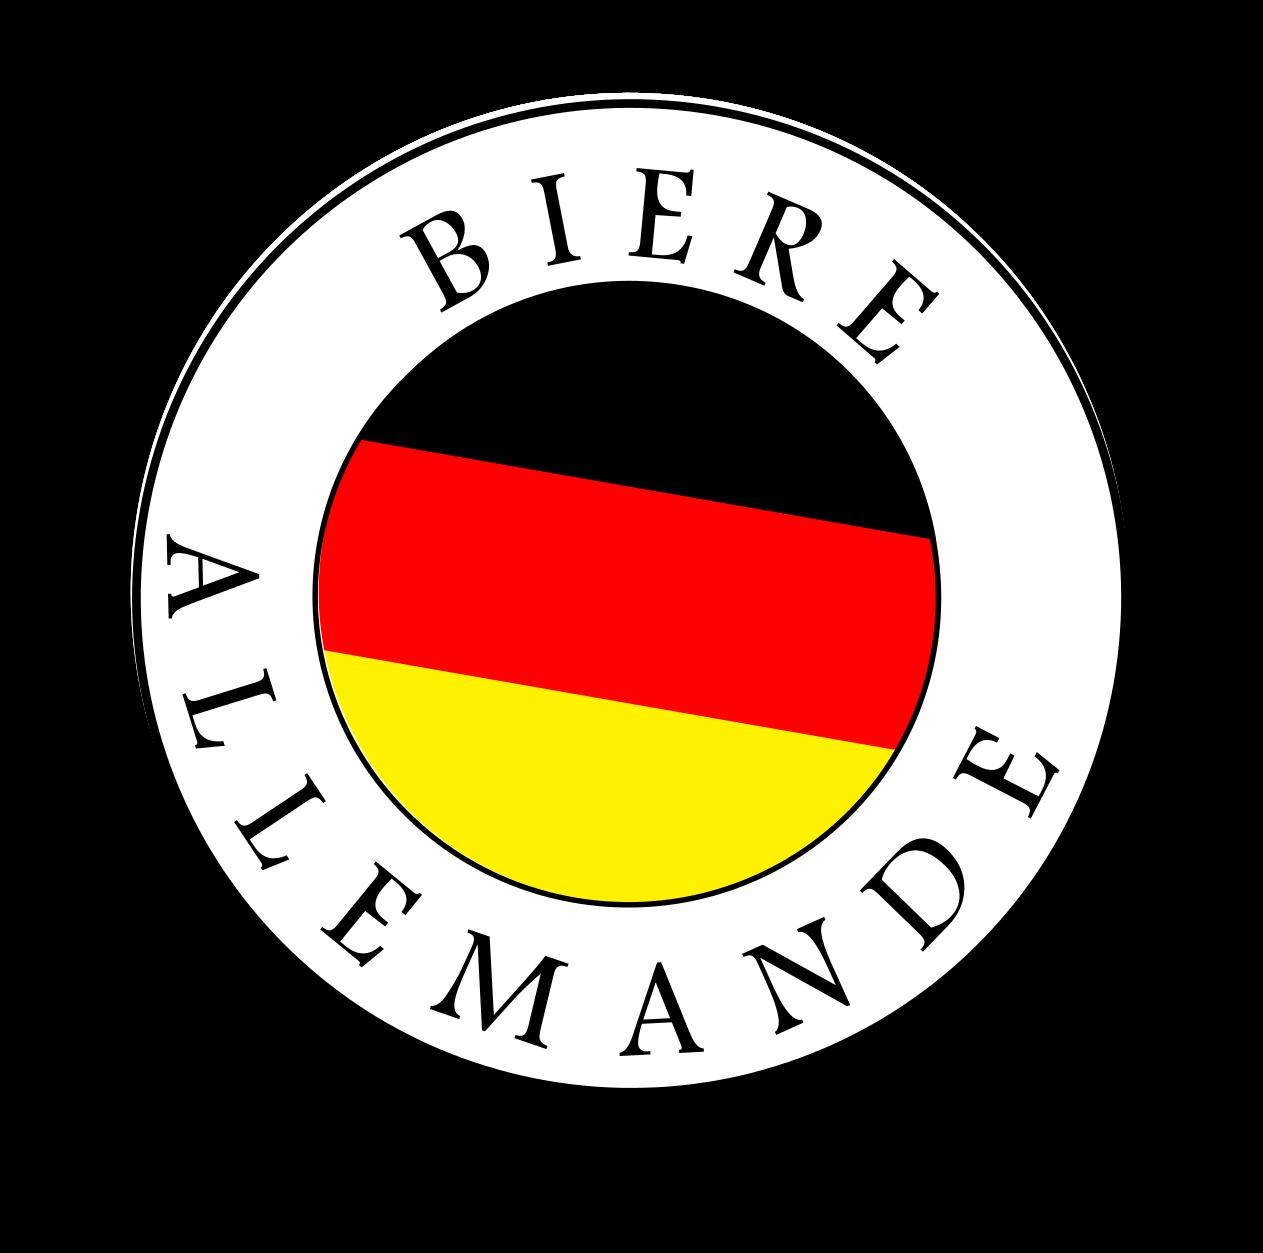 logo bière allemande incliné